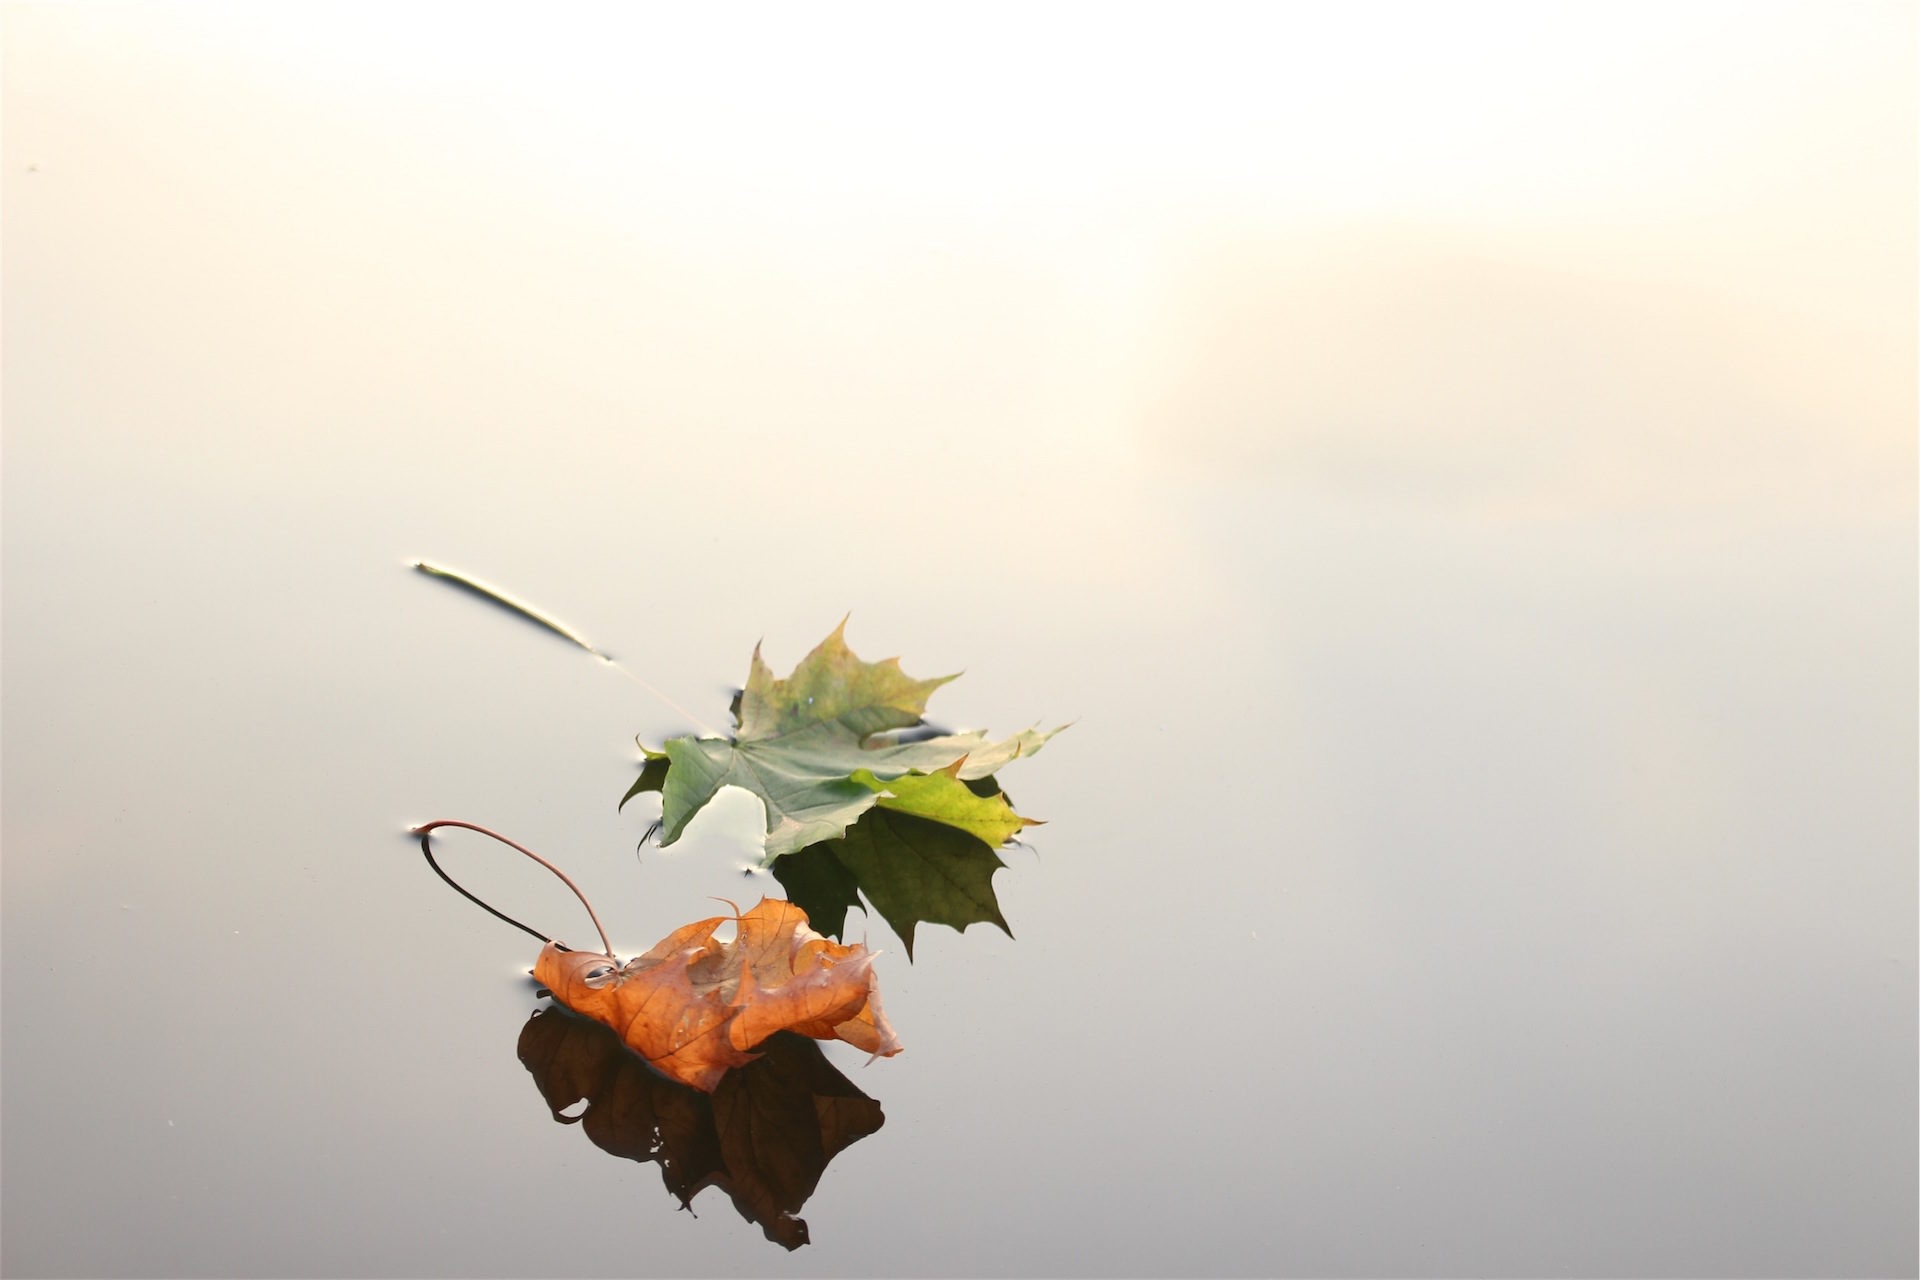 φύλλα, estanque, Λίμνη, Πράσινο, Καφέ - Wallpapers HD - Professor-falken.com